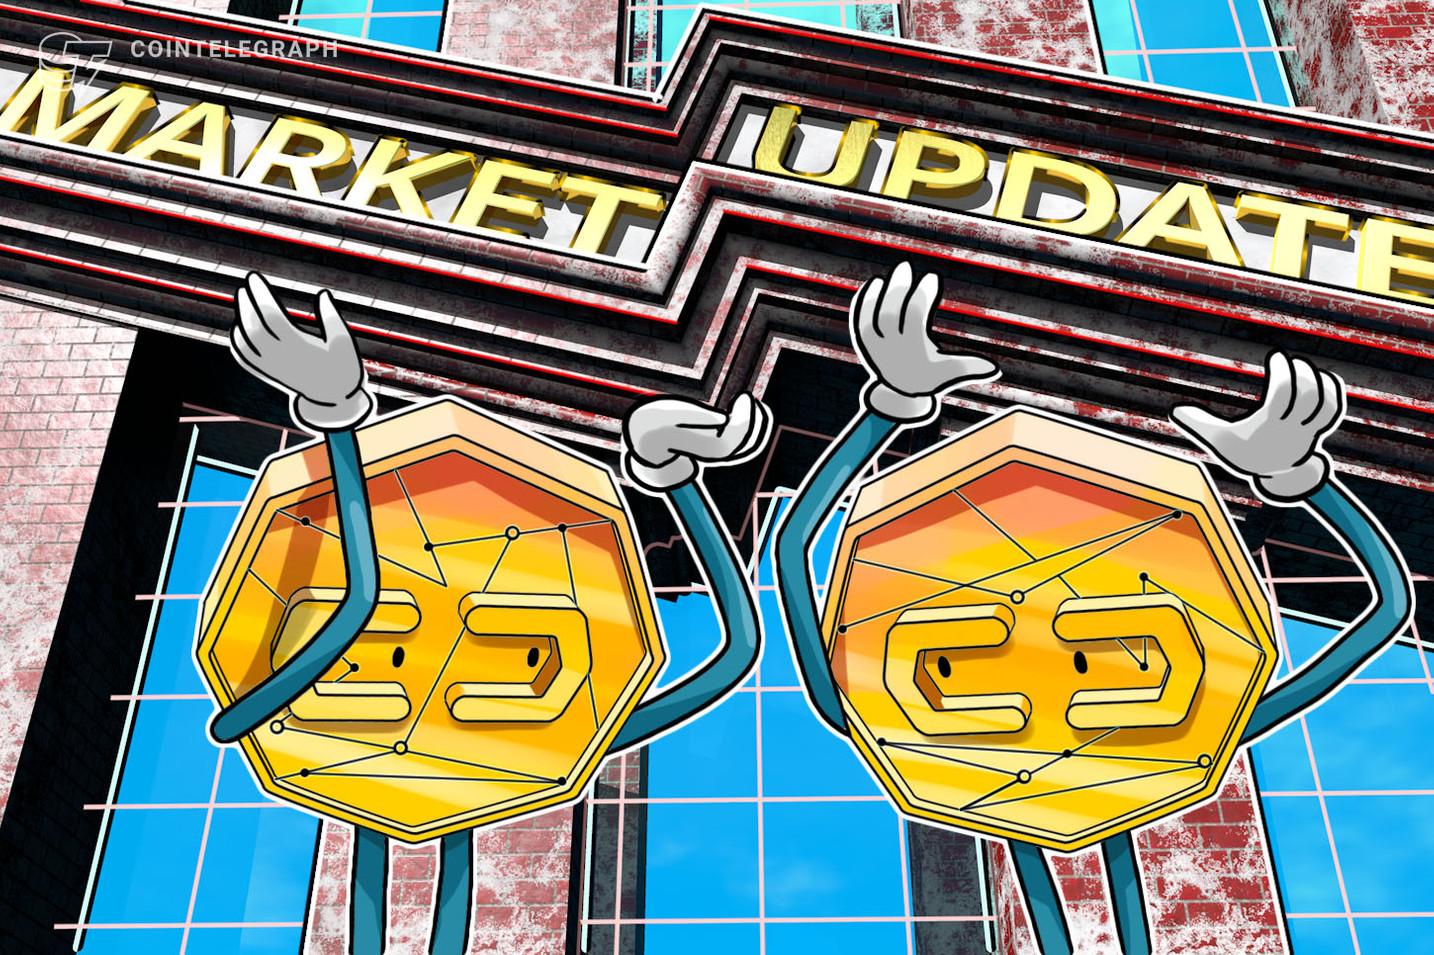 Ethereum consolida i guadagni di ieri, correzioni per il resto del mercato